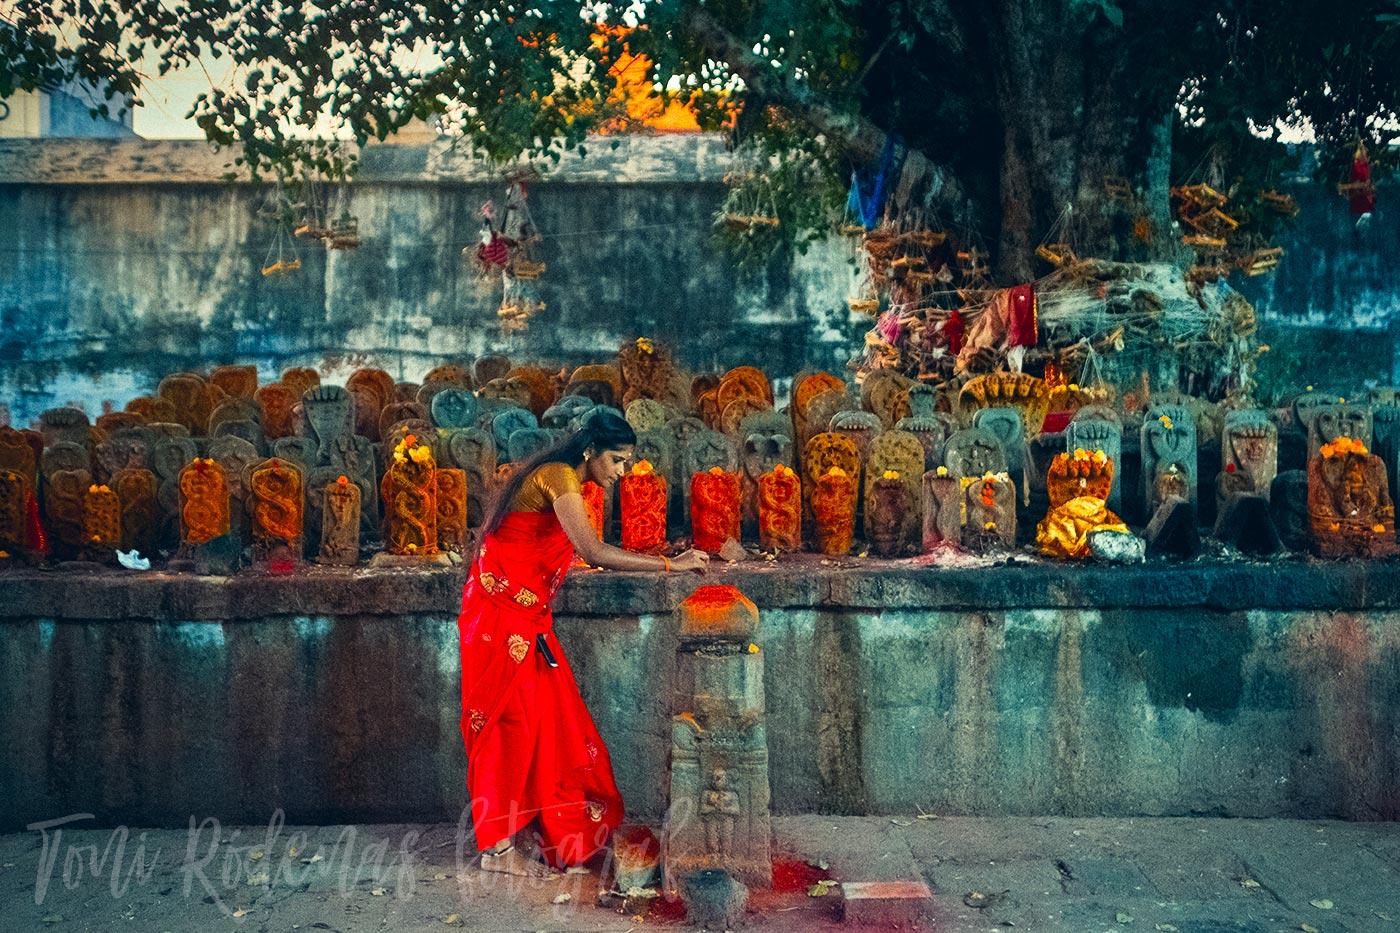 Relato divergente. El sari rojo